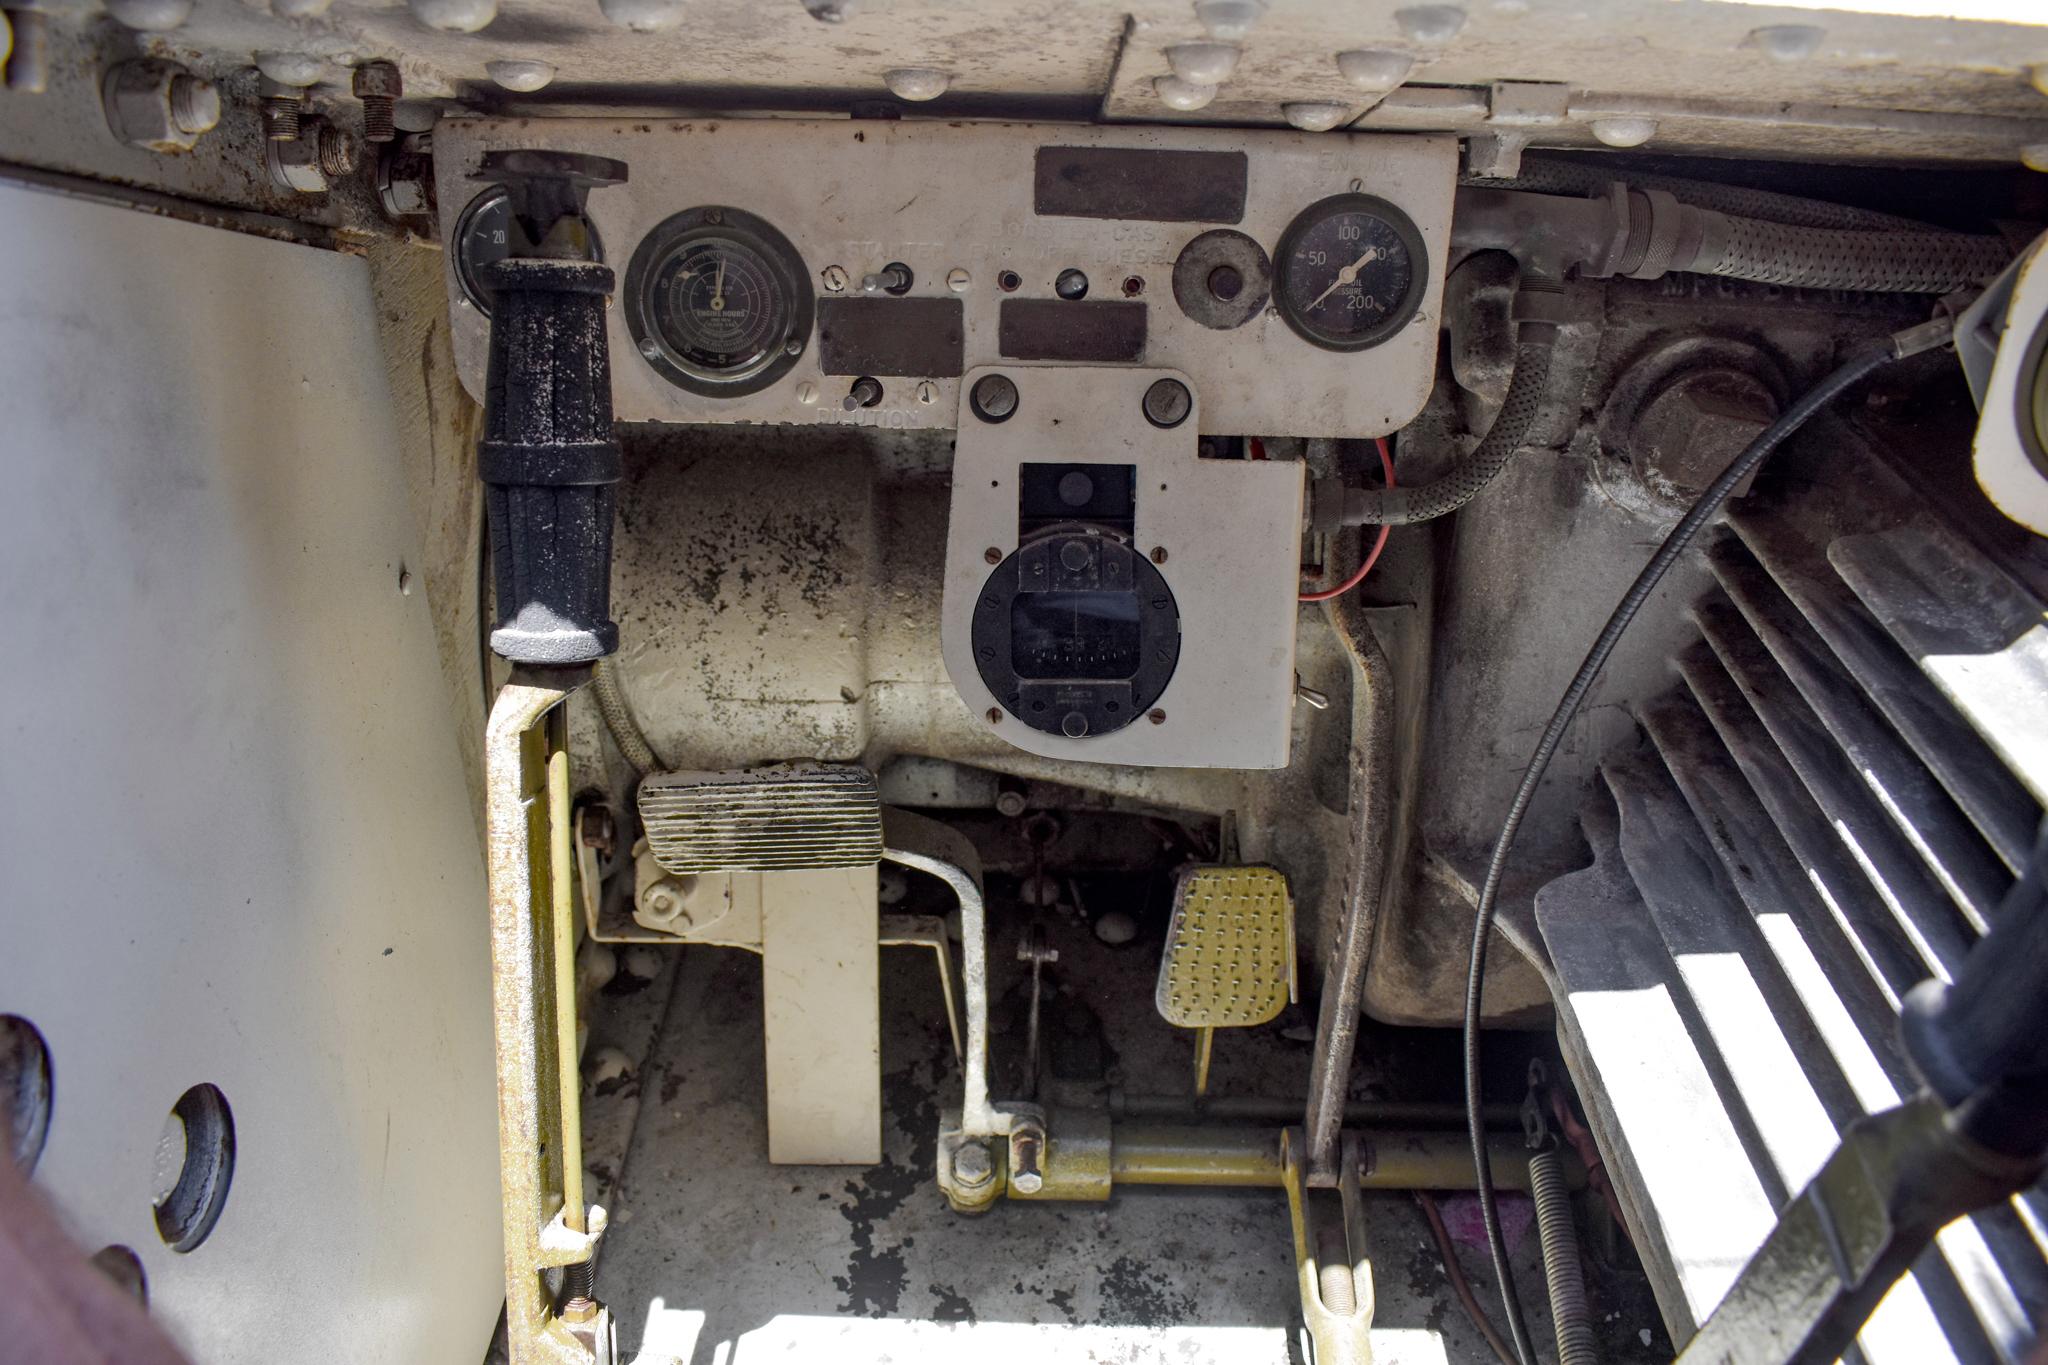 1941 M3 Stuart Tank cockpit gauges